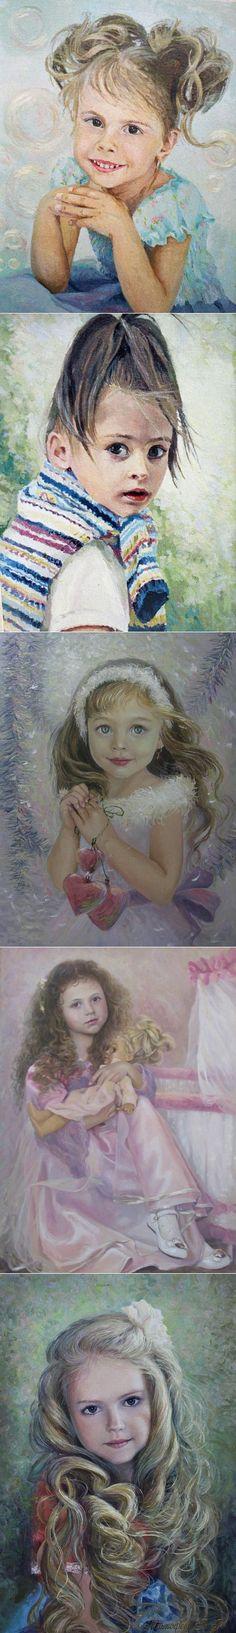 Маленькая девочка, как ты хороша... / Детский образ в работах художника Владими | искусство | Постила